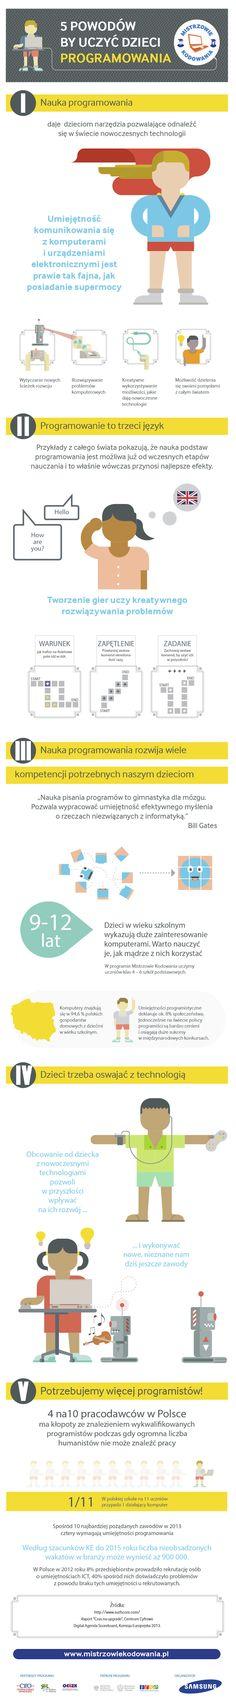 Powody, dla których warto uczyć programowania już w szkole podstawowej dobrze podsumowuje poniższa infografika (dostępna także w PDF):